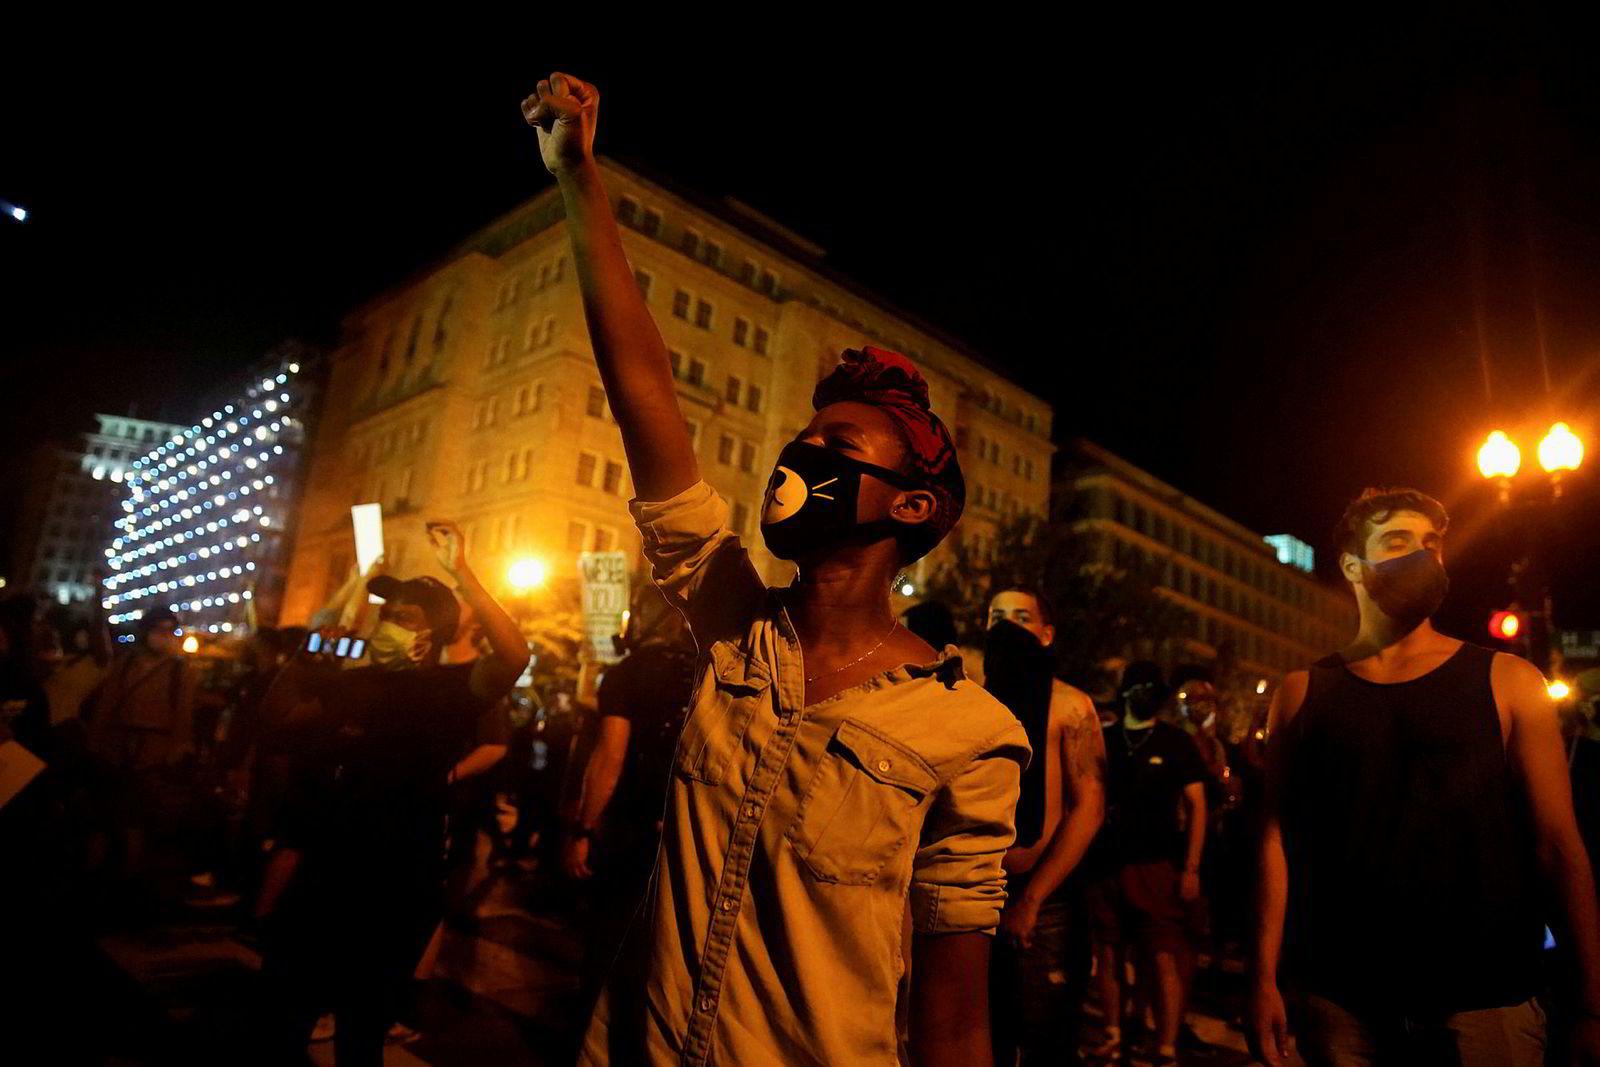 Demonstranter samlet seg blant annet i nærheten av Det hvite hus i Washington, D.C. lørdag kveld.